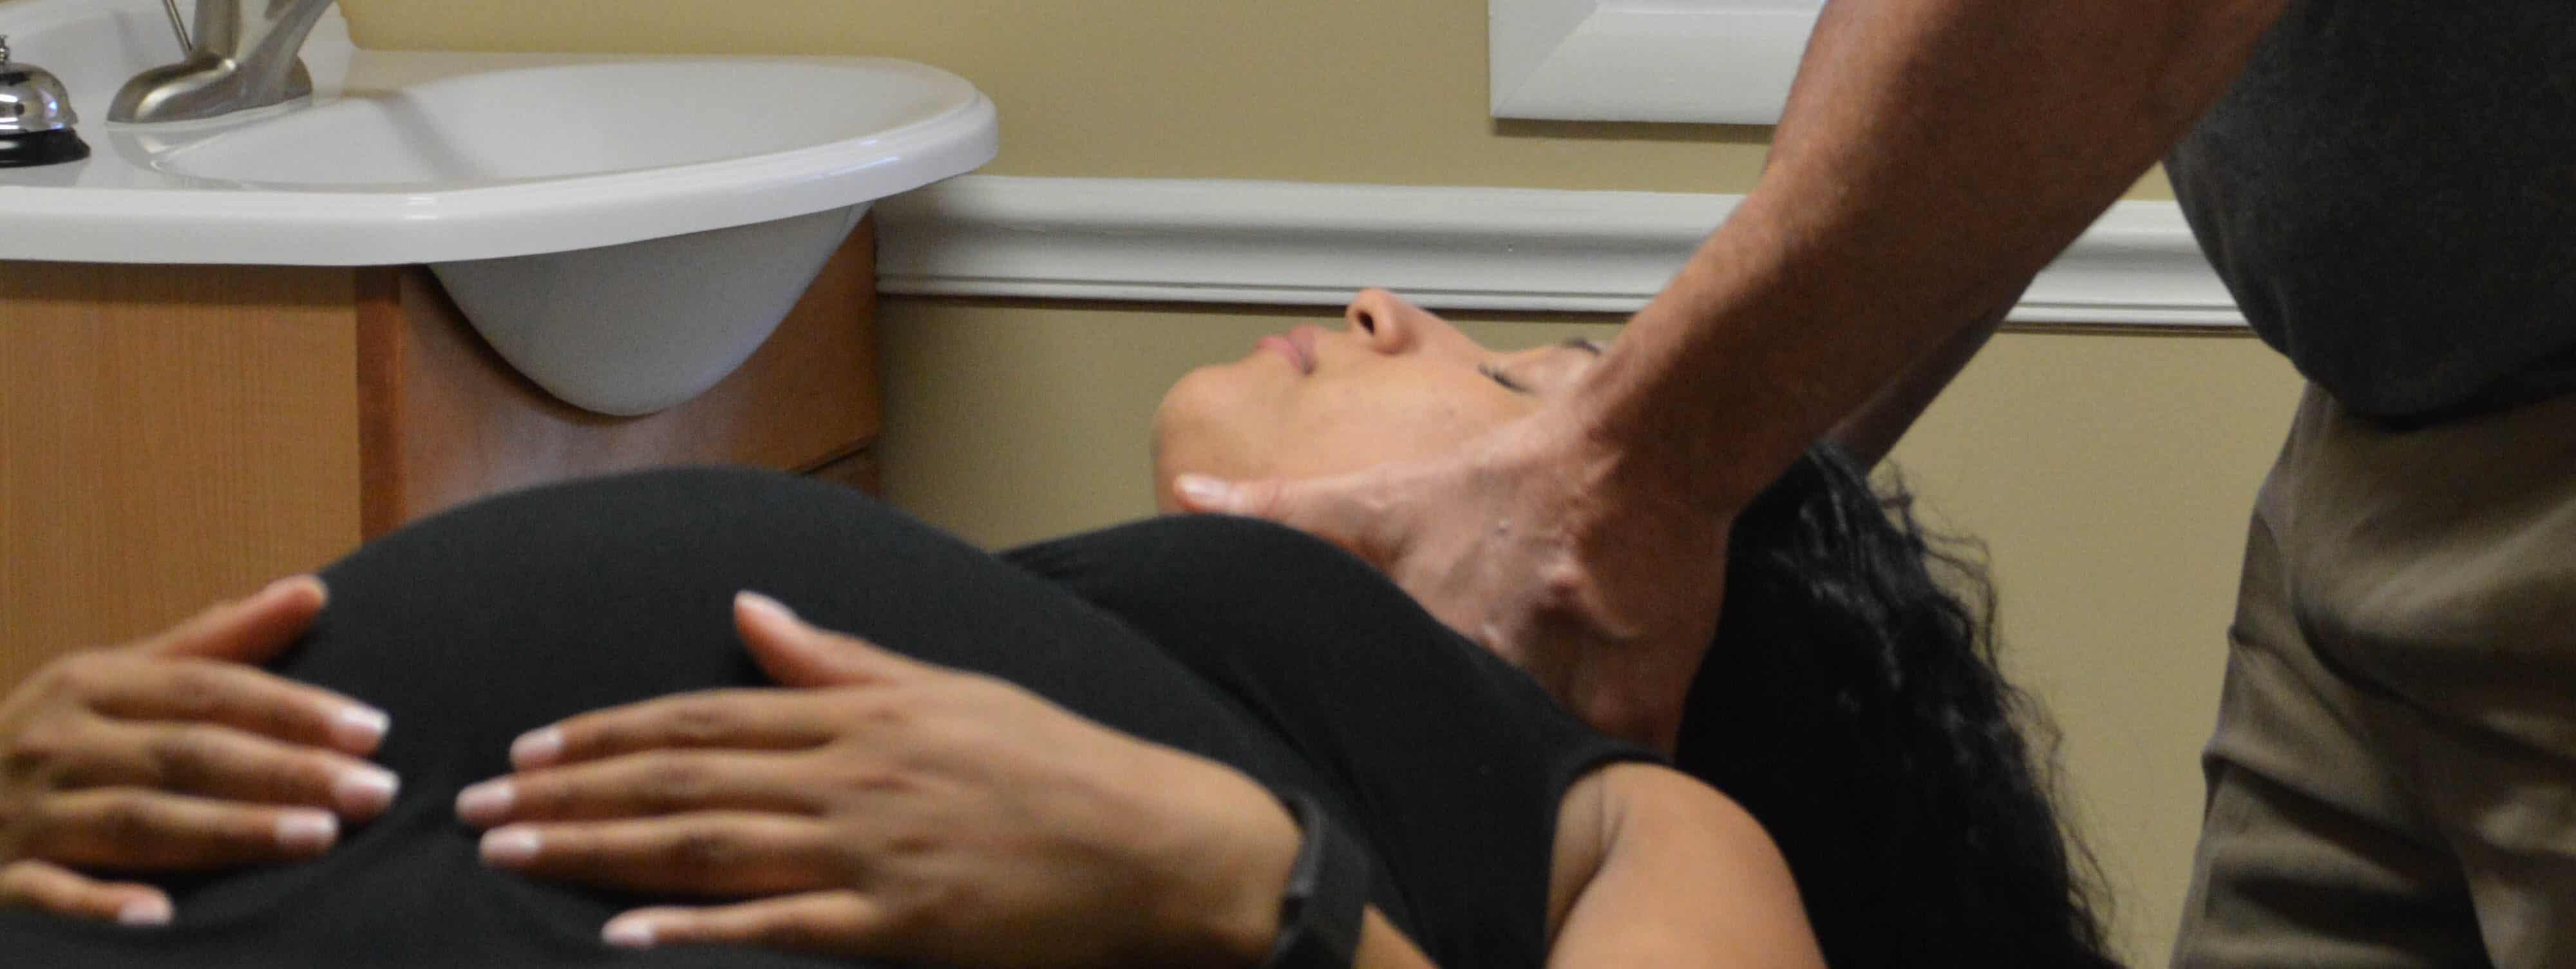 Patient receiving chiropractic care